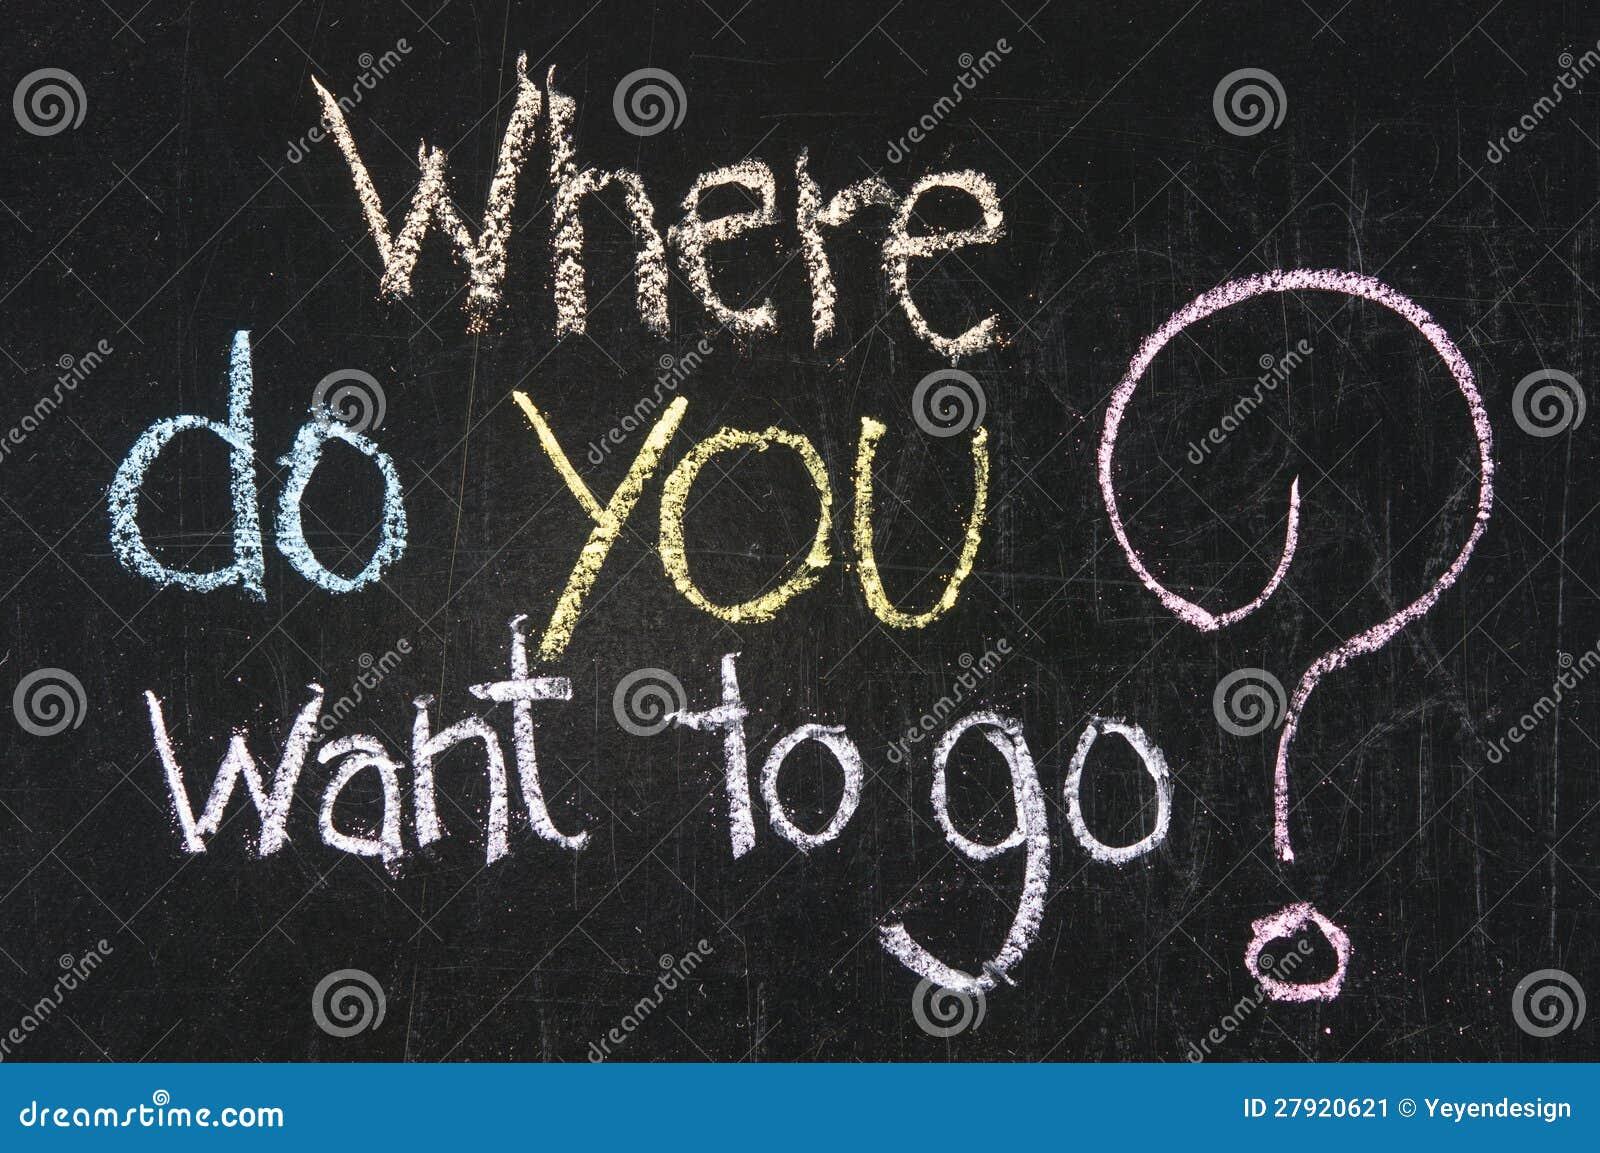 Où voulez-vous aller ?